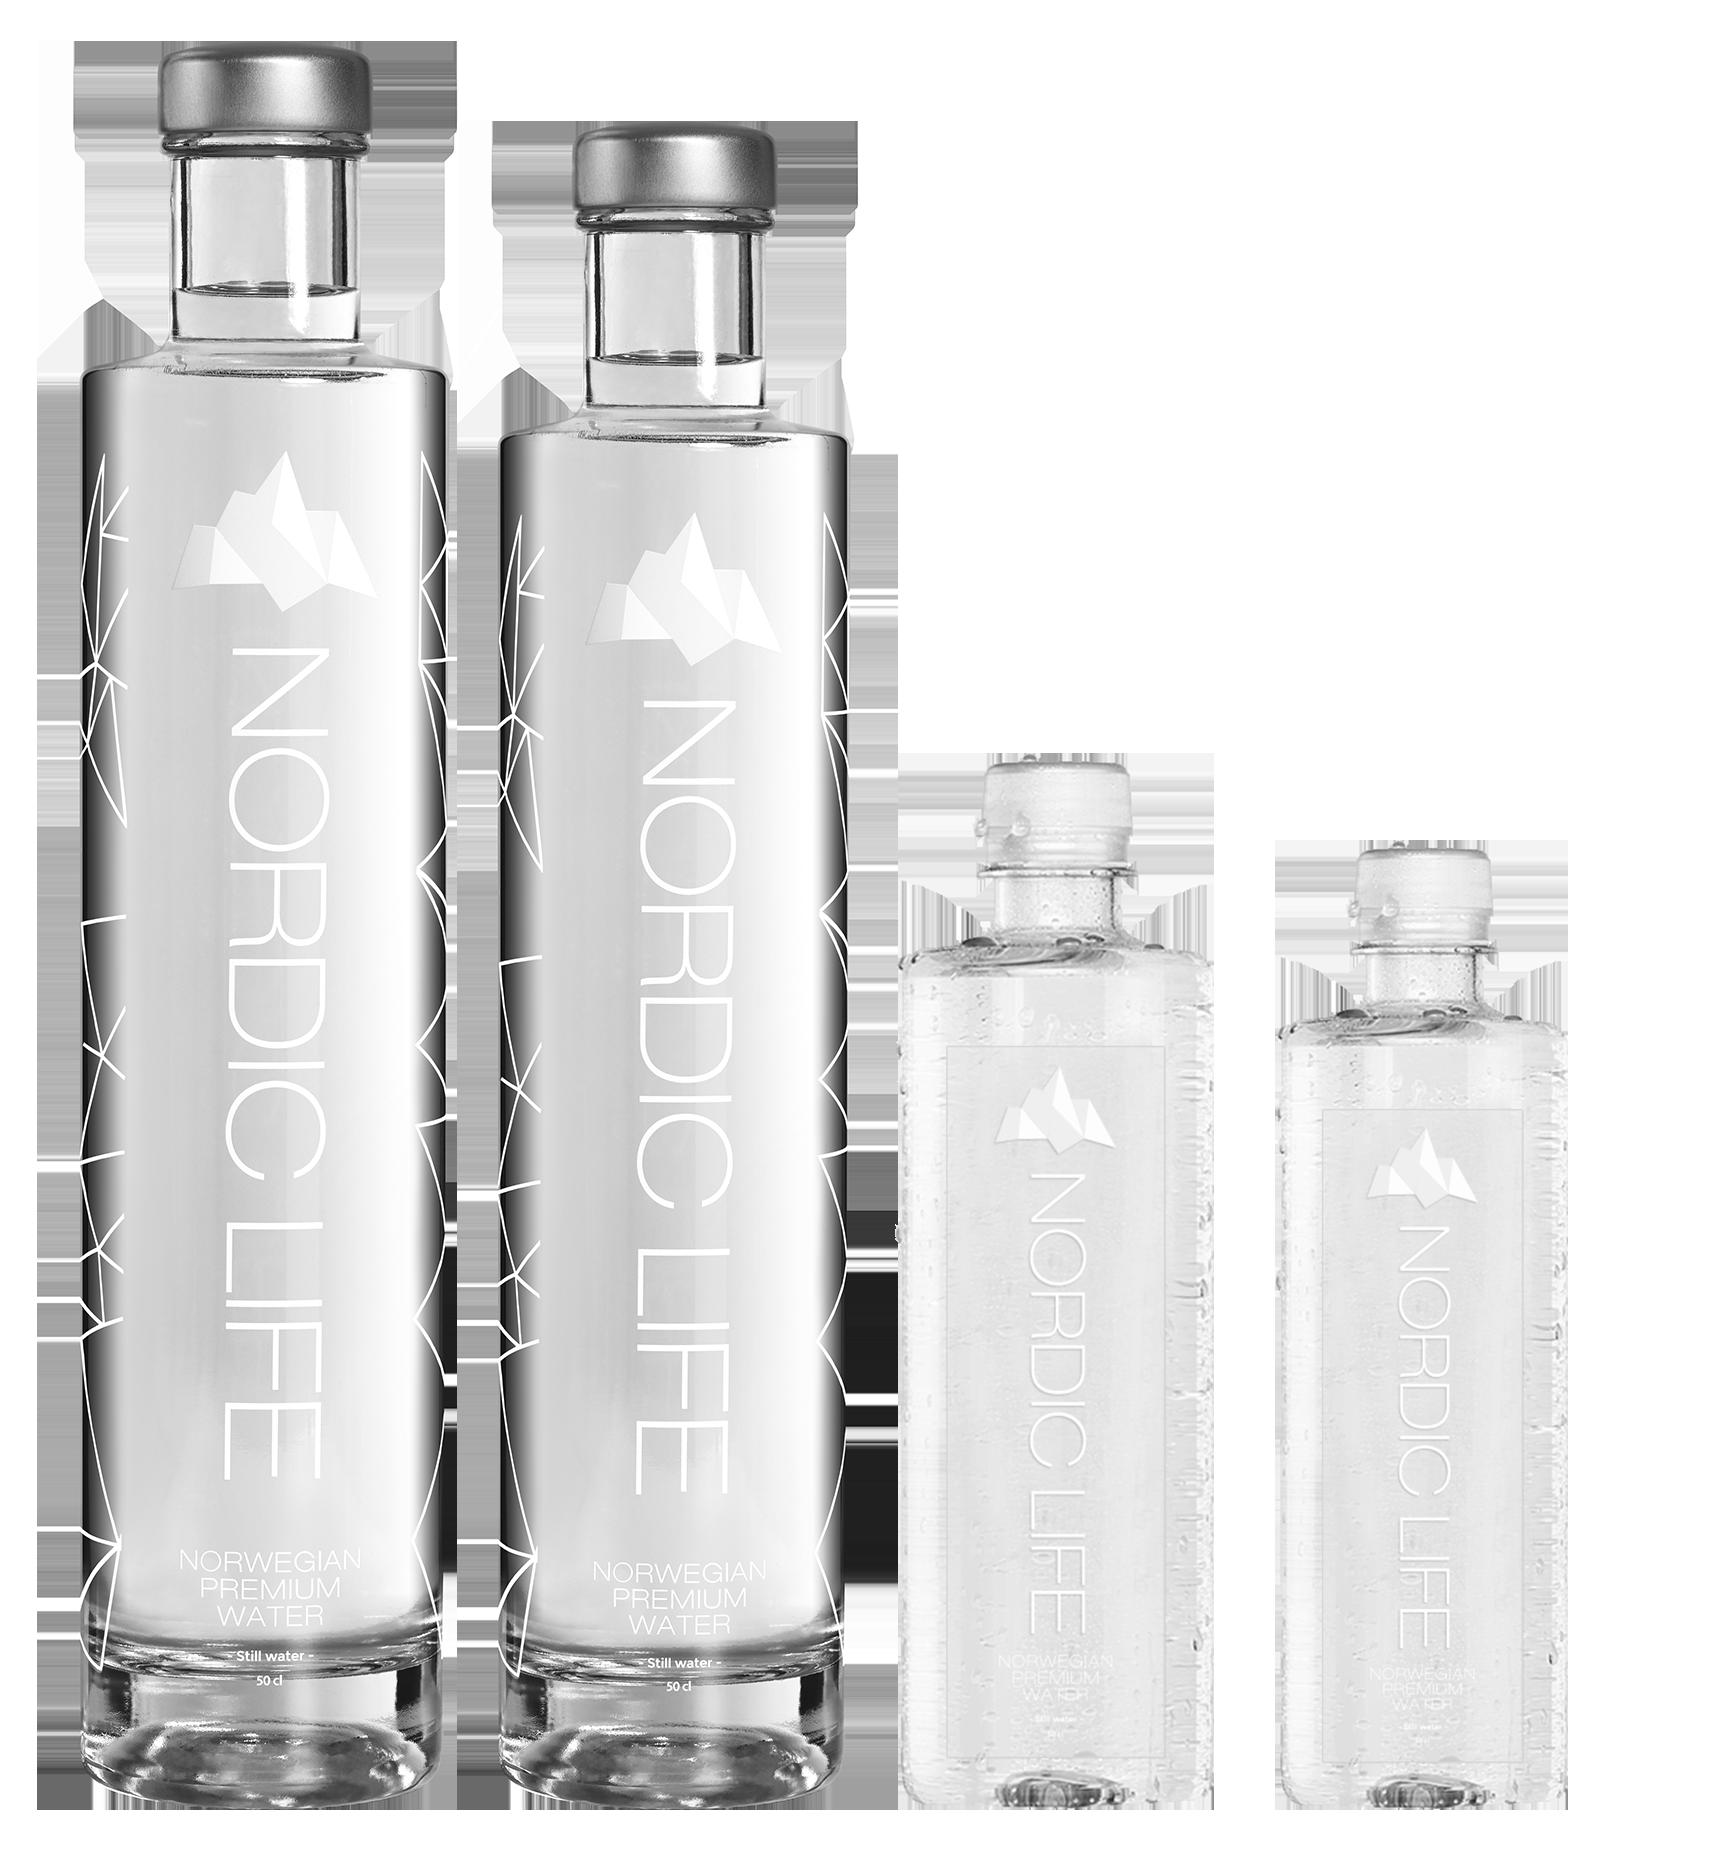 formatos botellas agua nordic life